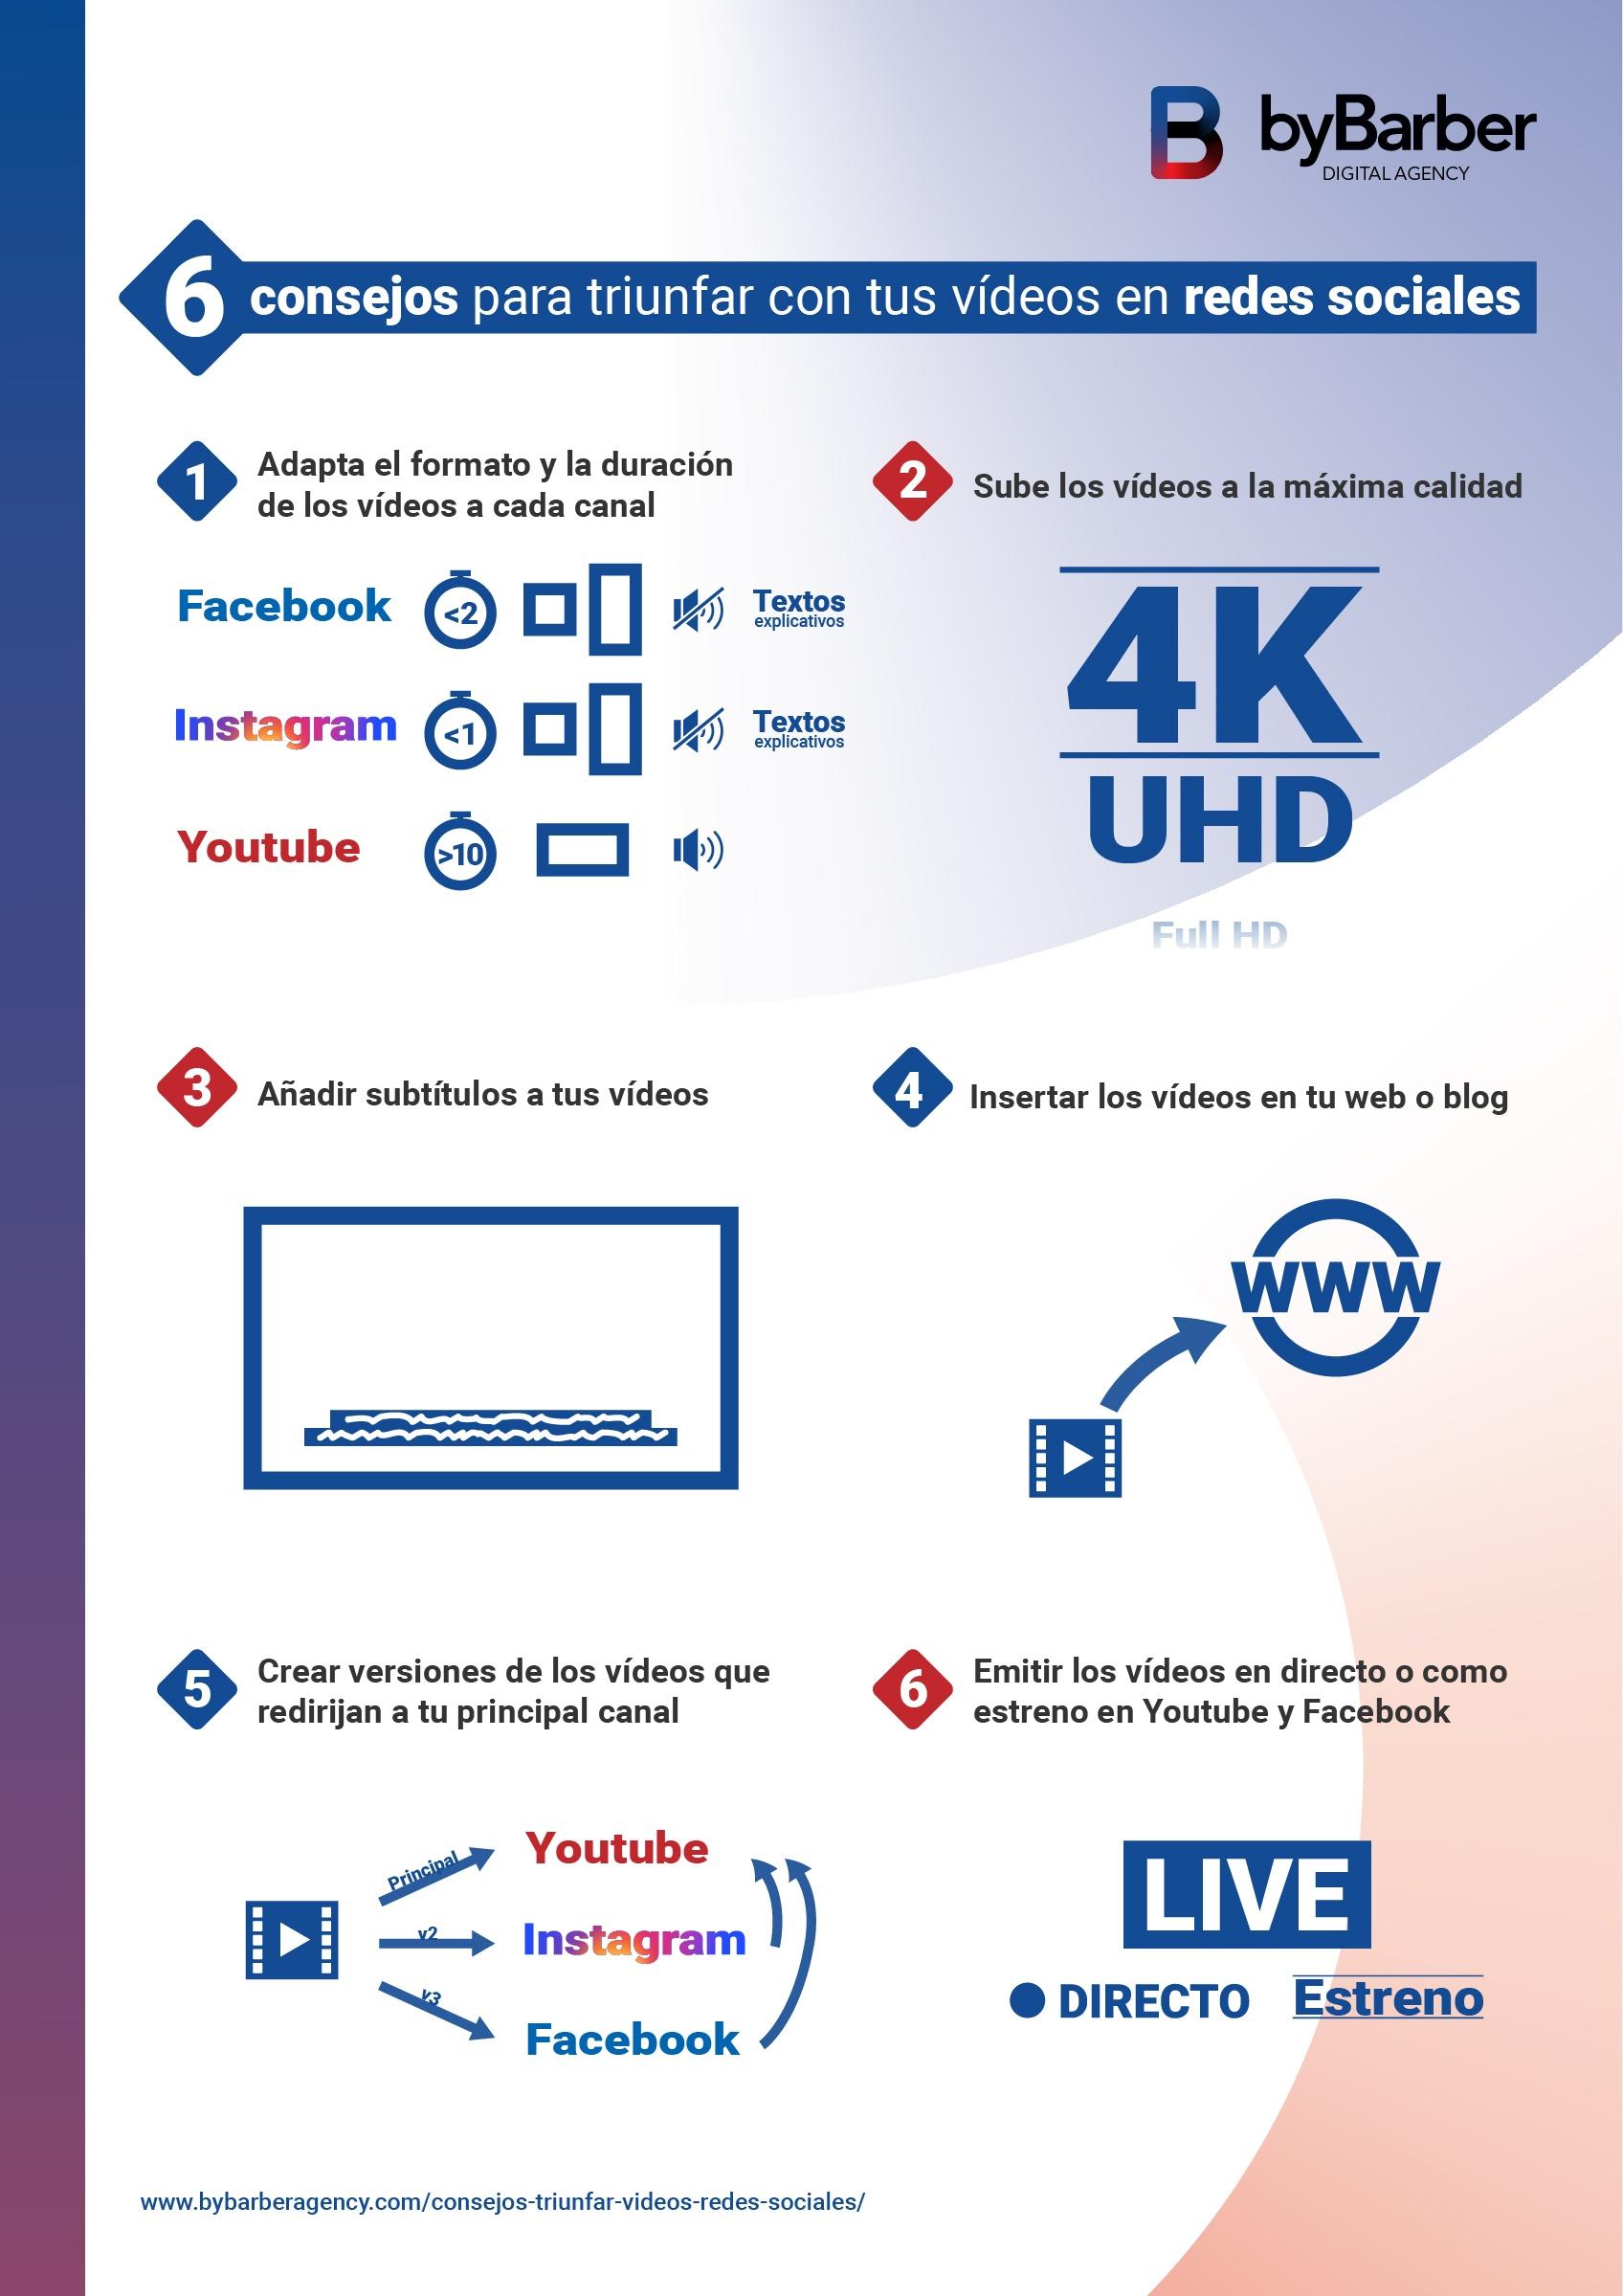 6 consejos para triunfar con tus videos en redes sociales